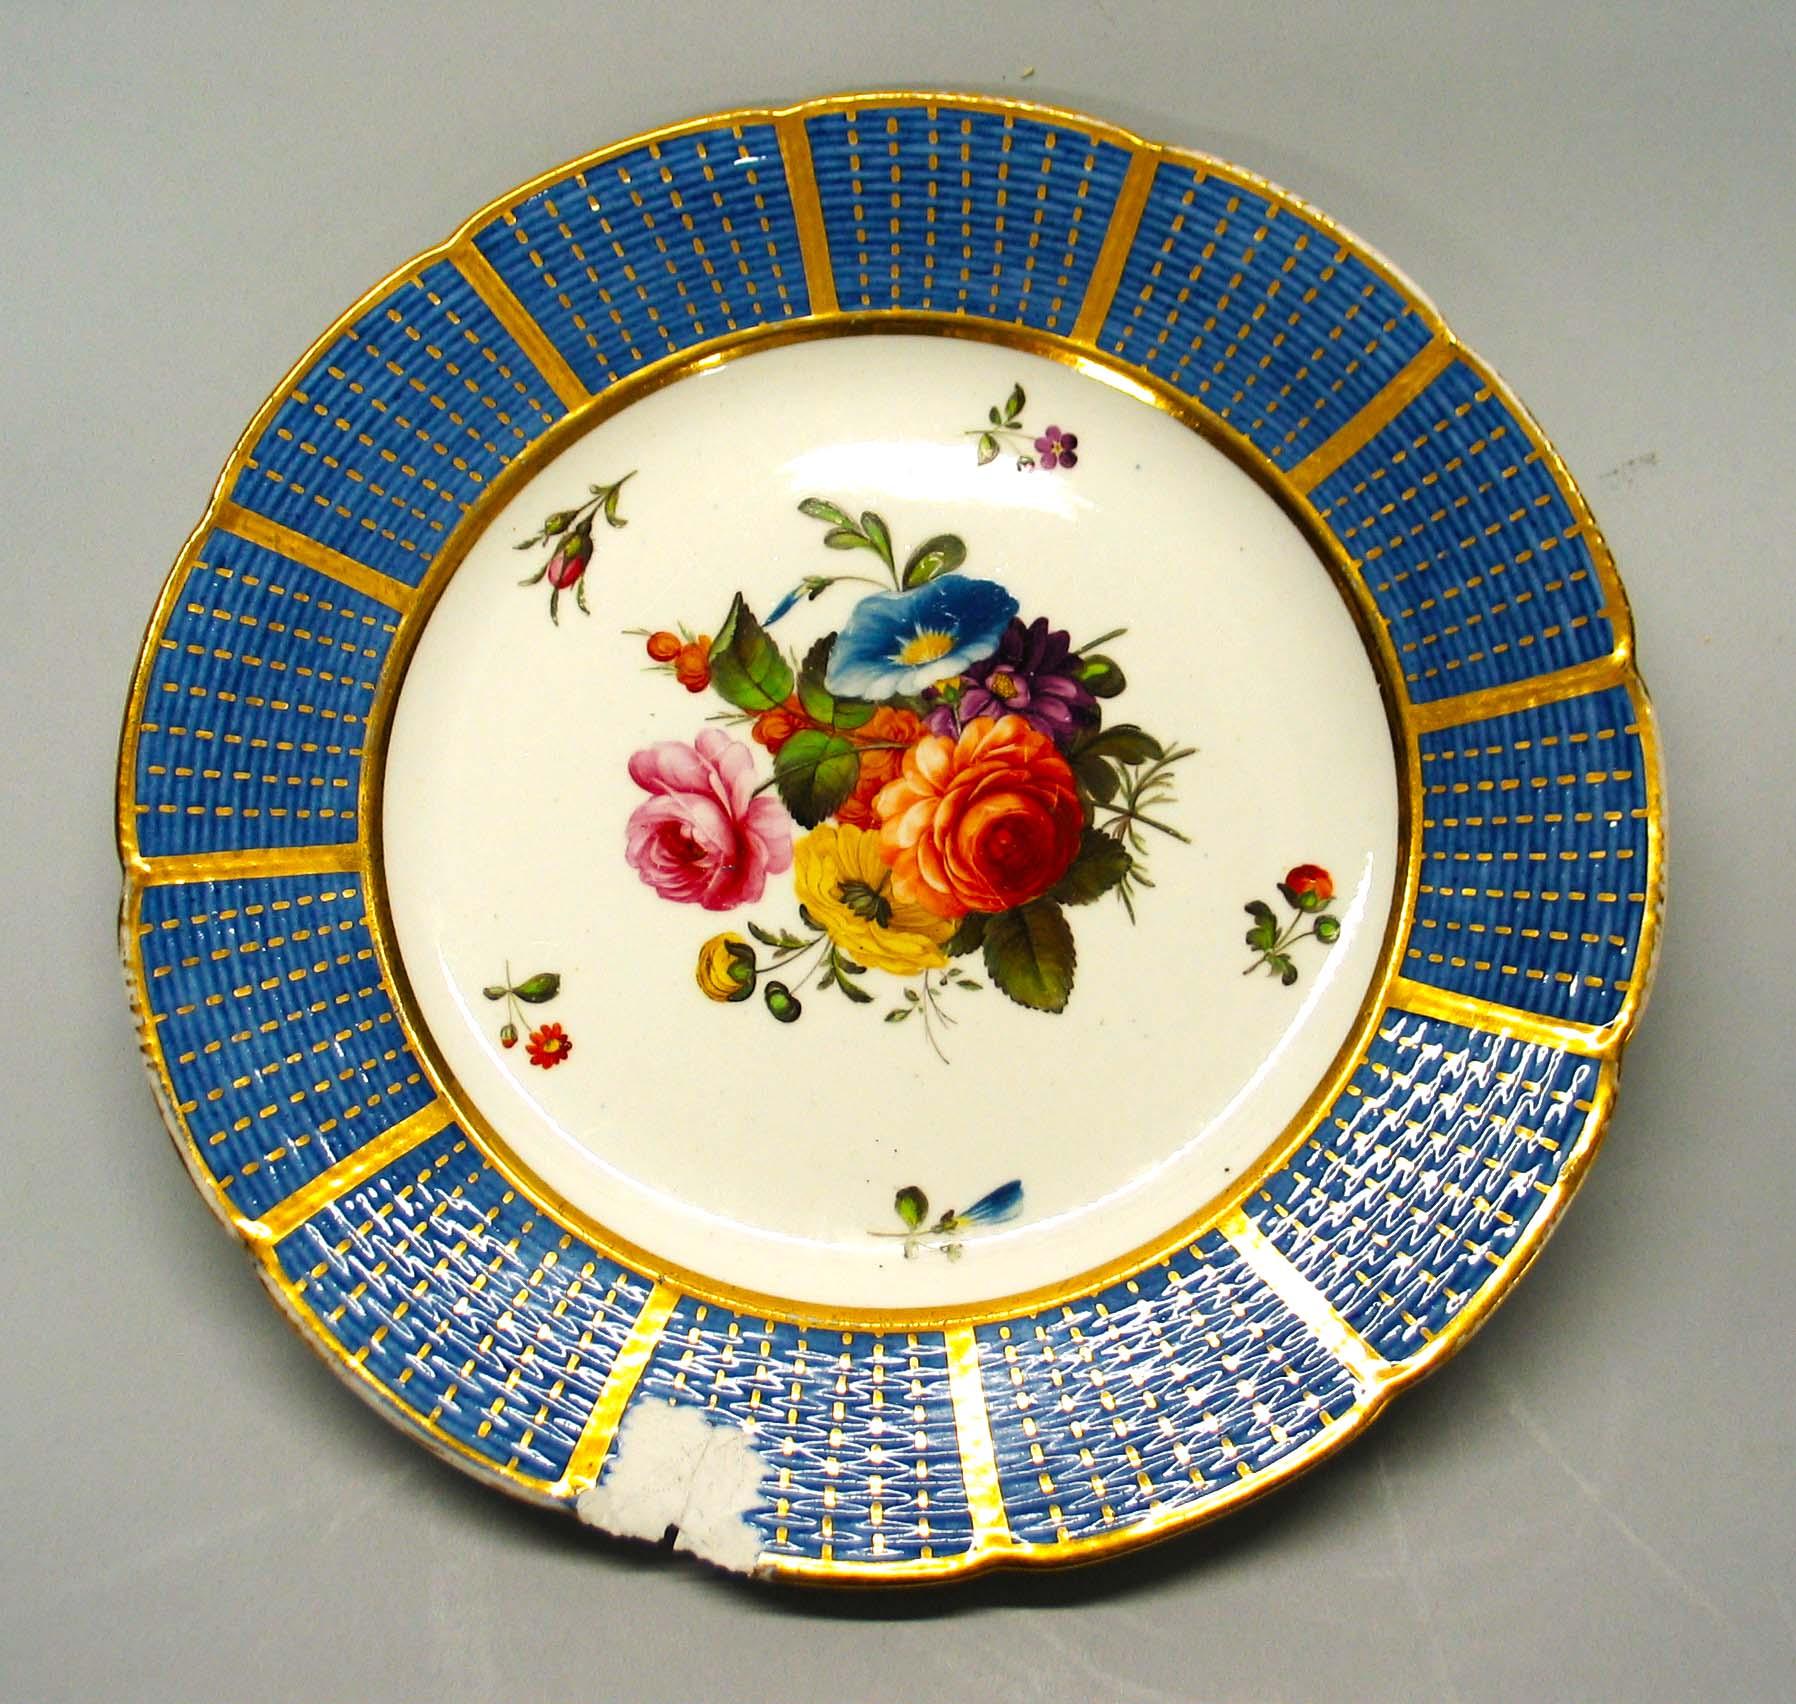 Spode porcelain plate